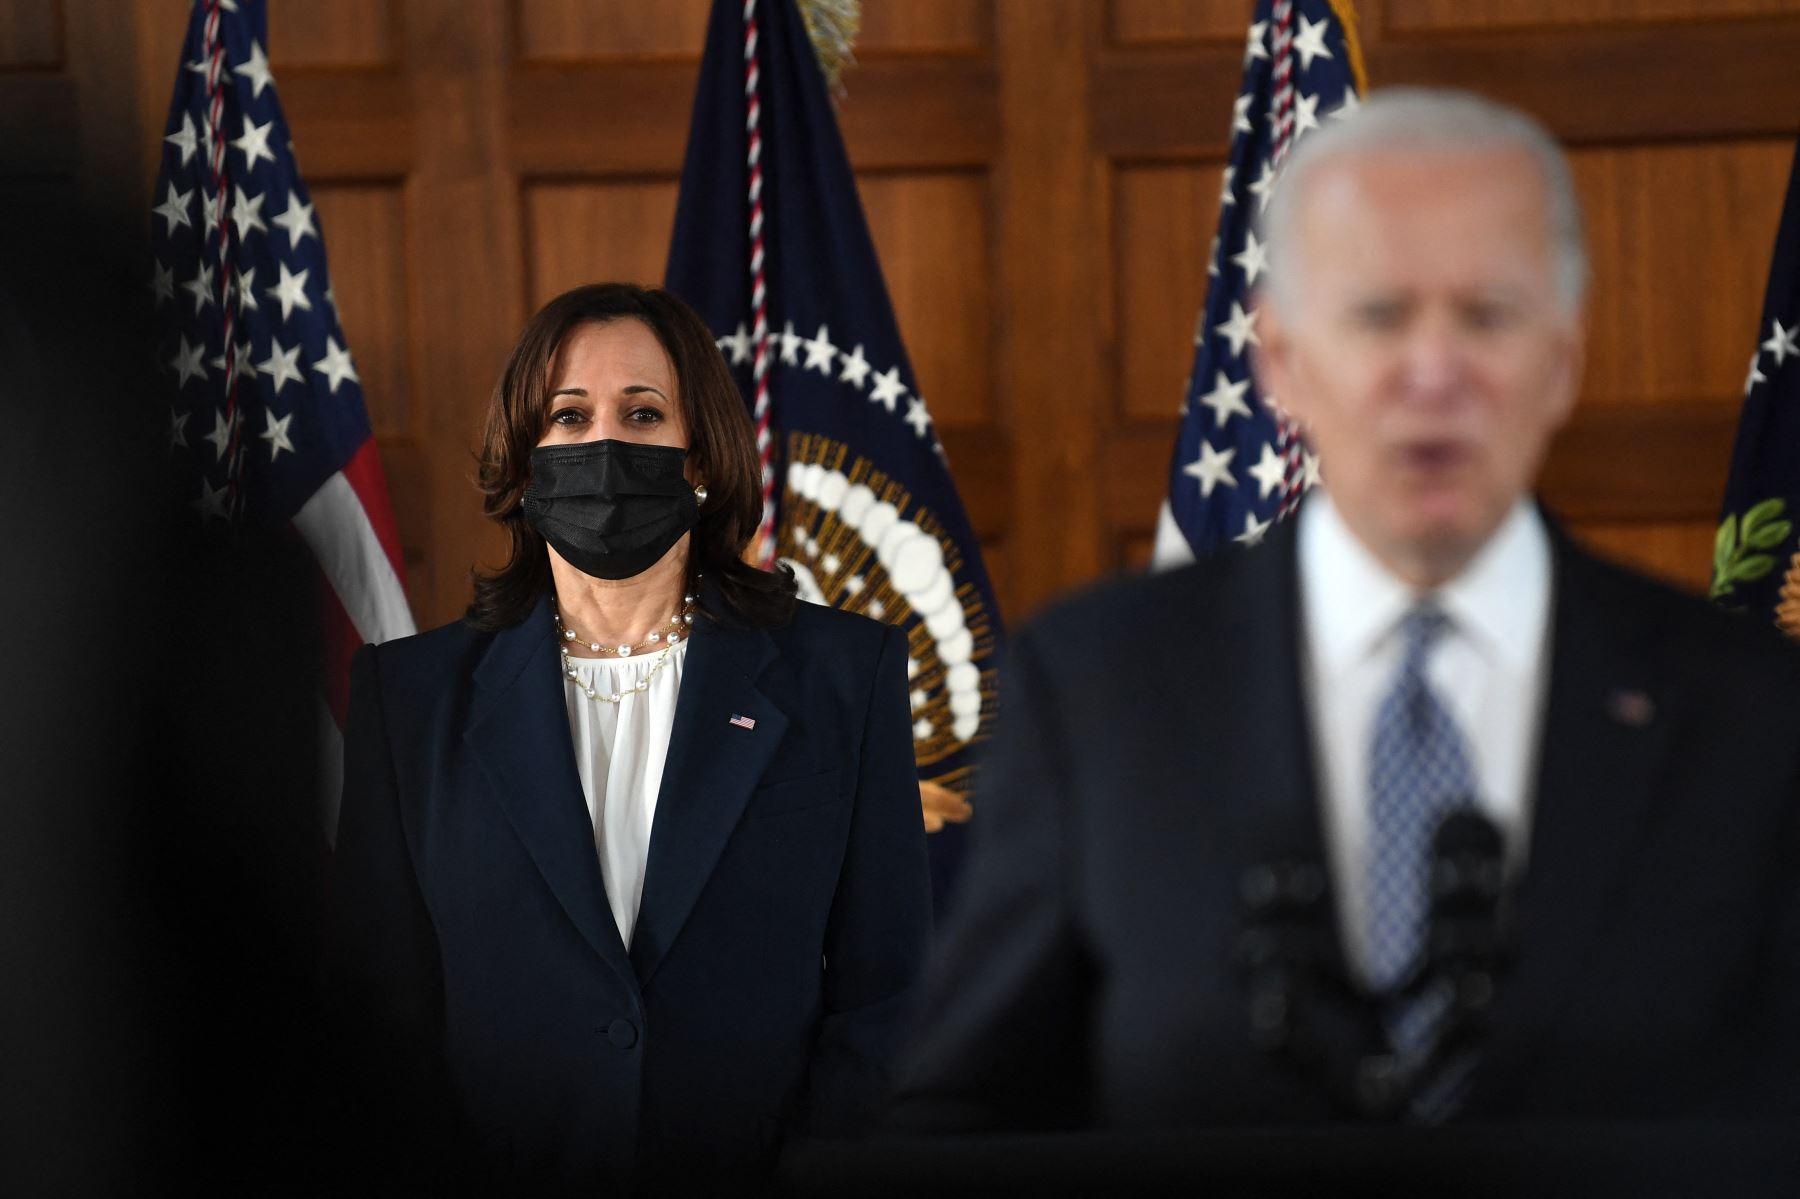 Esta es la primera misión específica que Biden encarga a Harris, percibida como parte de una generación más joven del Partido Demócrata. Foto: AFP